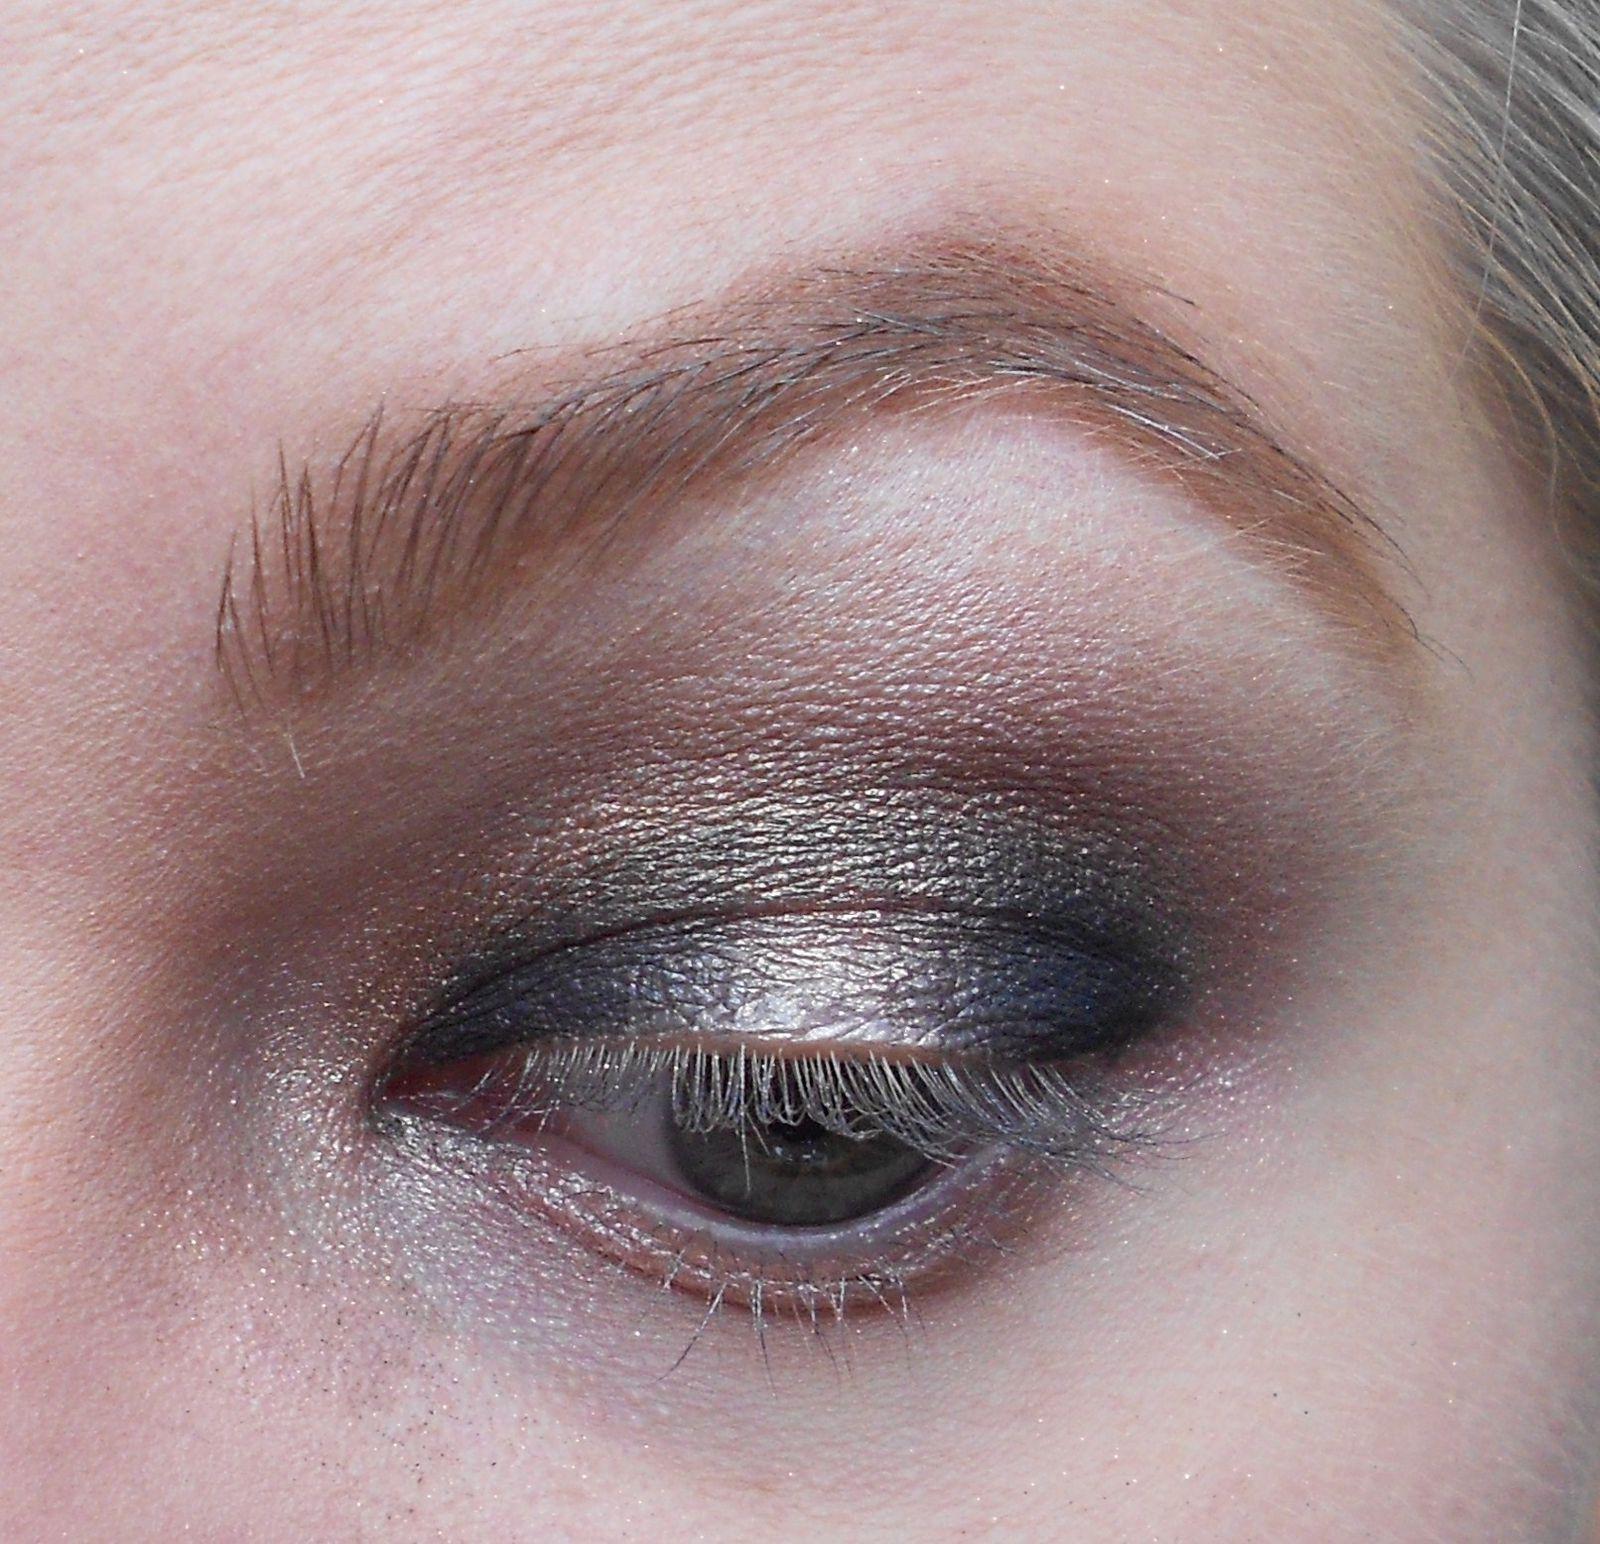 Avec un petit pinceau, on prend un noir qu'on va appliquer en coin interne et externe de la paupière mobile. Et également un peu dans le creux de l'oeil. Et on estompe bien le tout.